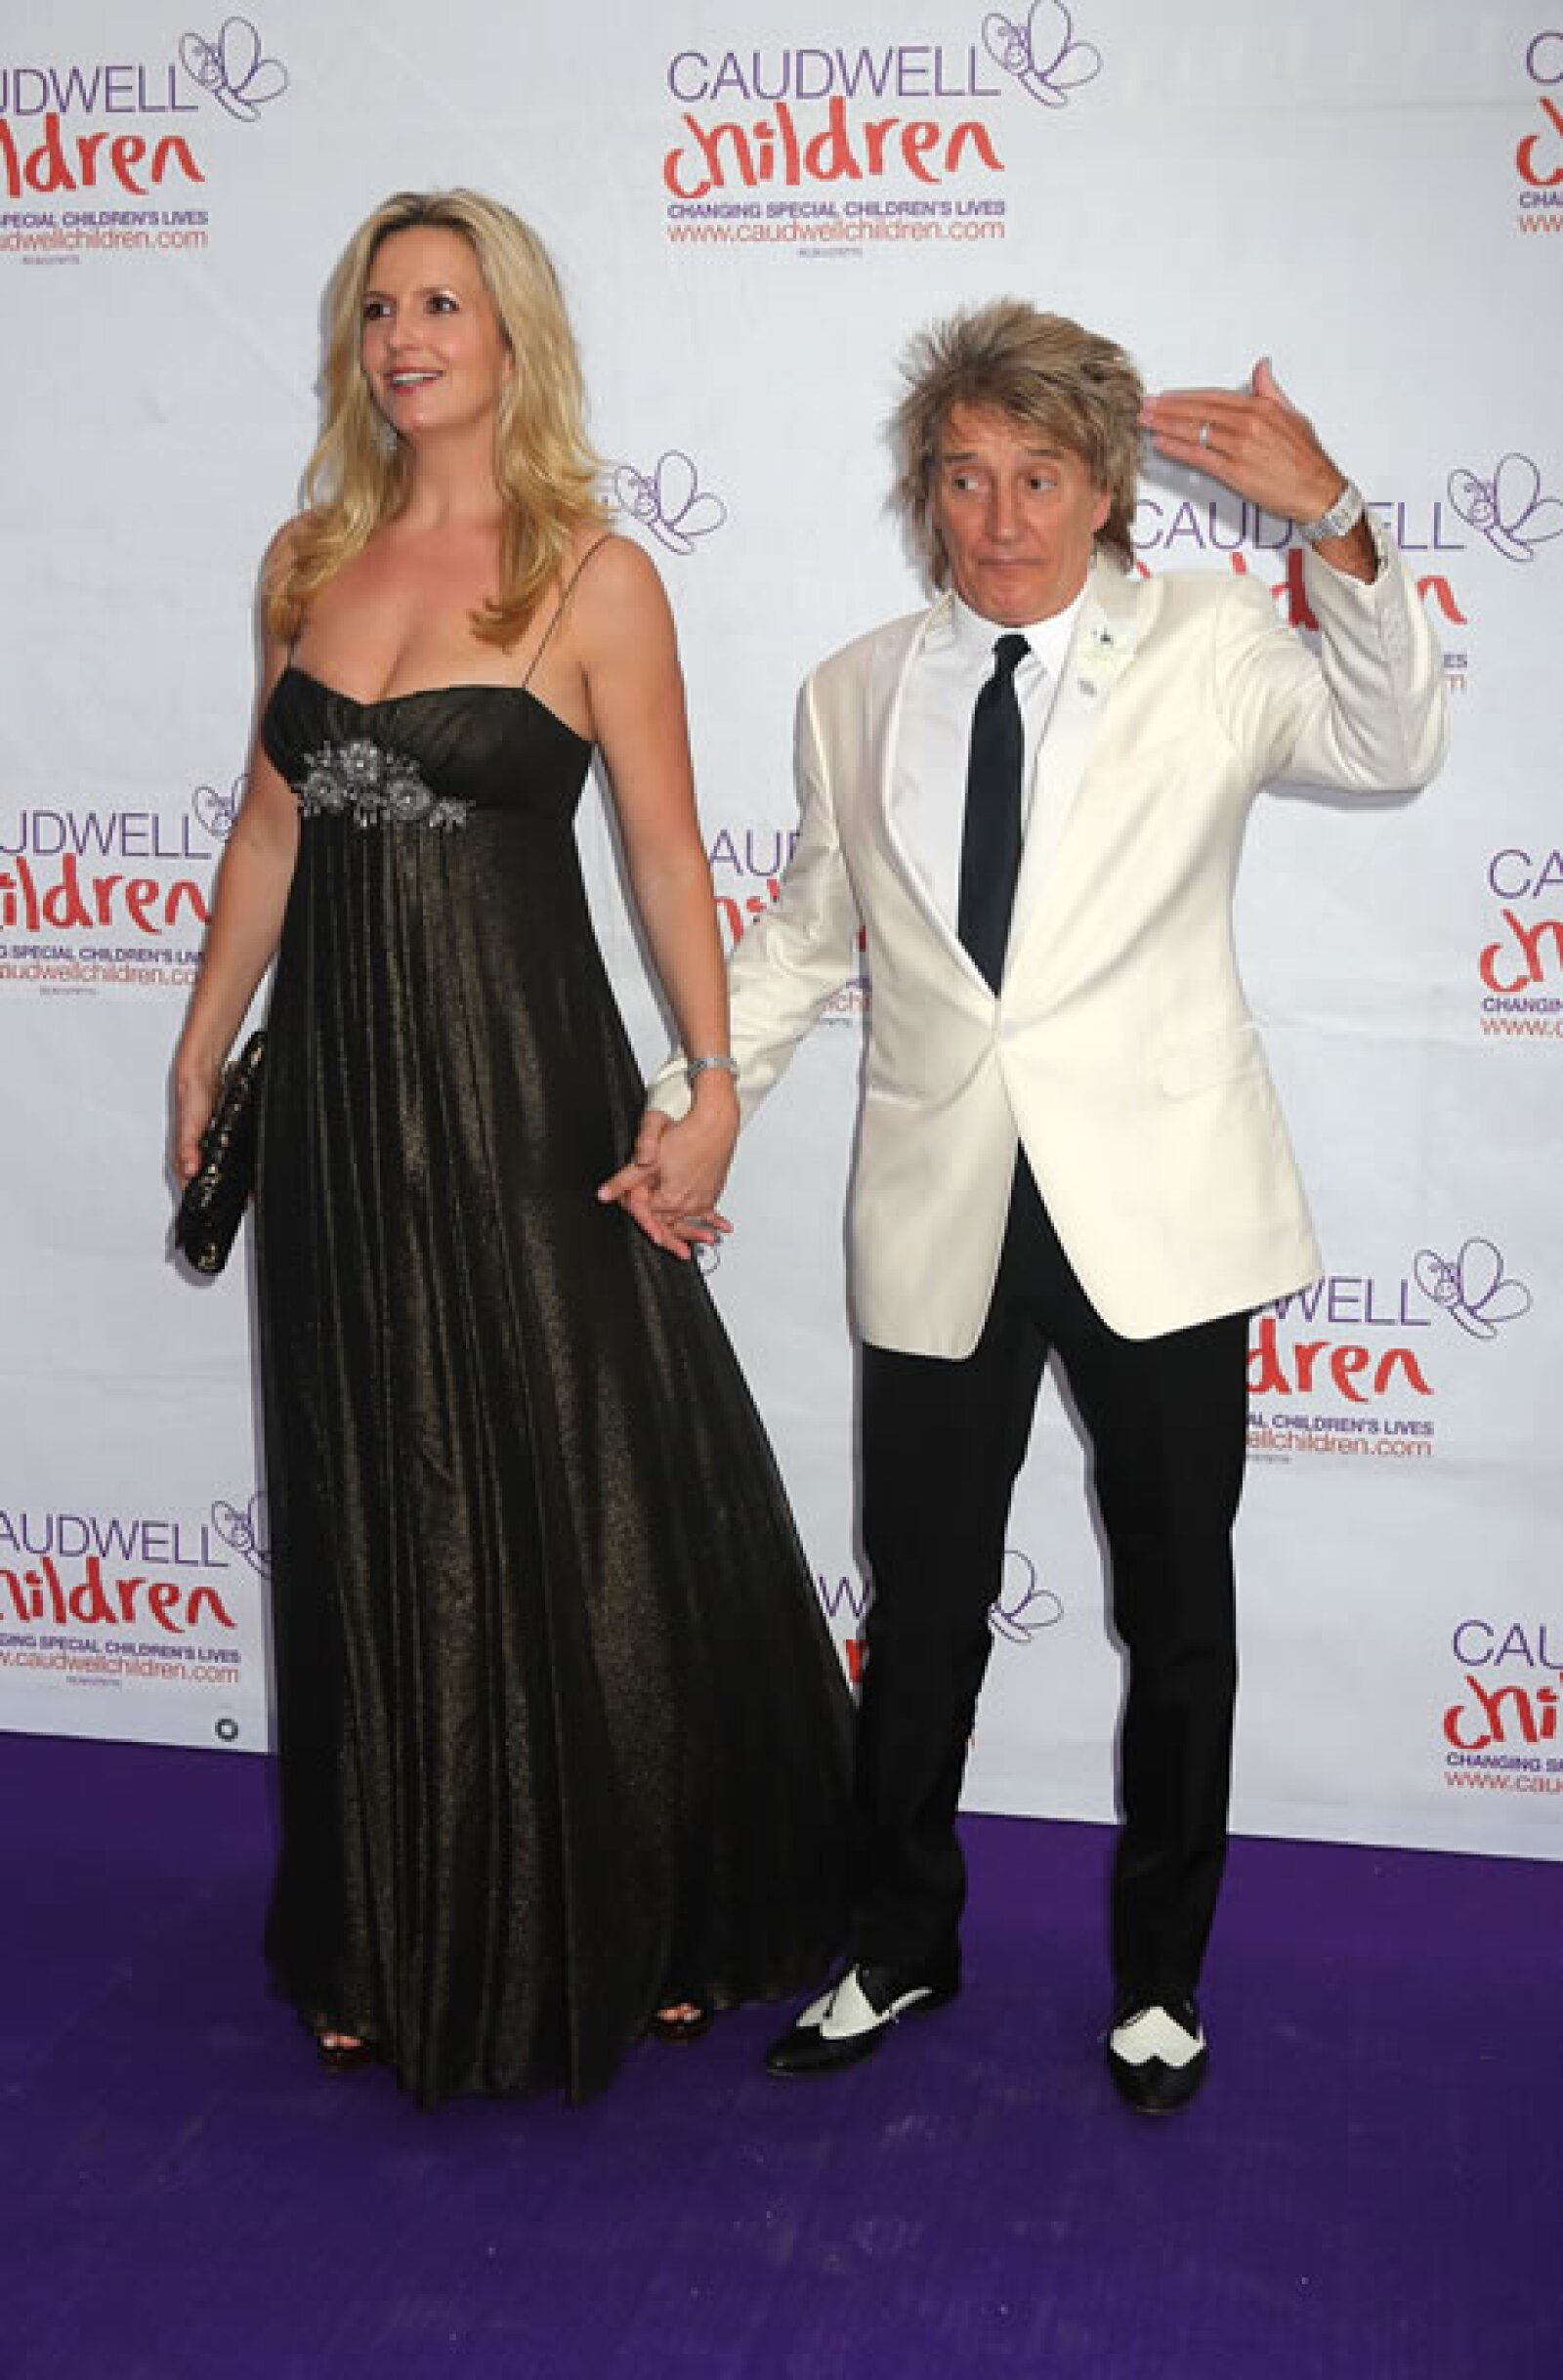 Rod Stewart siempre ha tenido predilección por altas rubias y su actual esposa Penny Lancaster es una de ellas.